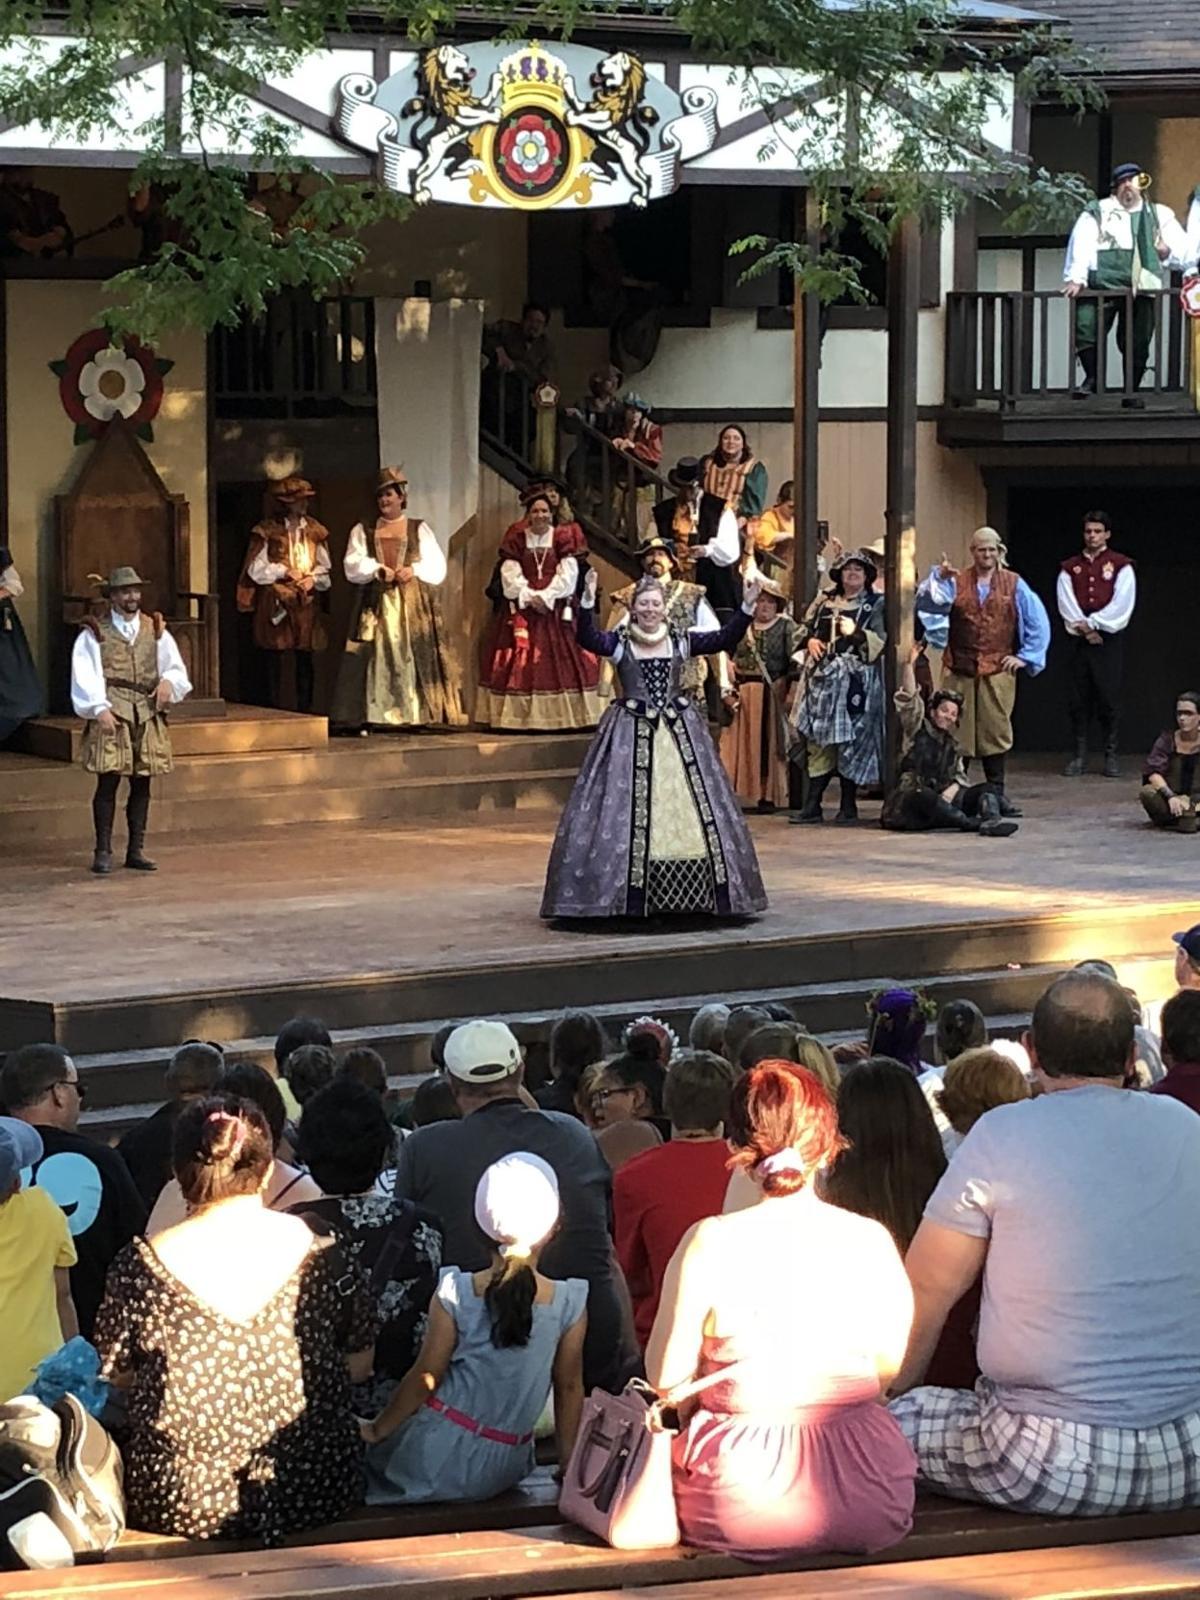 Queen Elizabeth at the Renaissance Faire